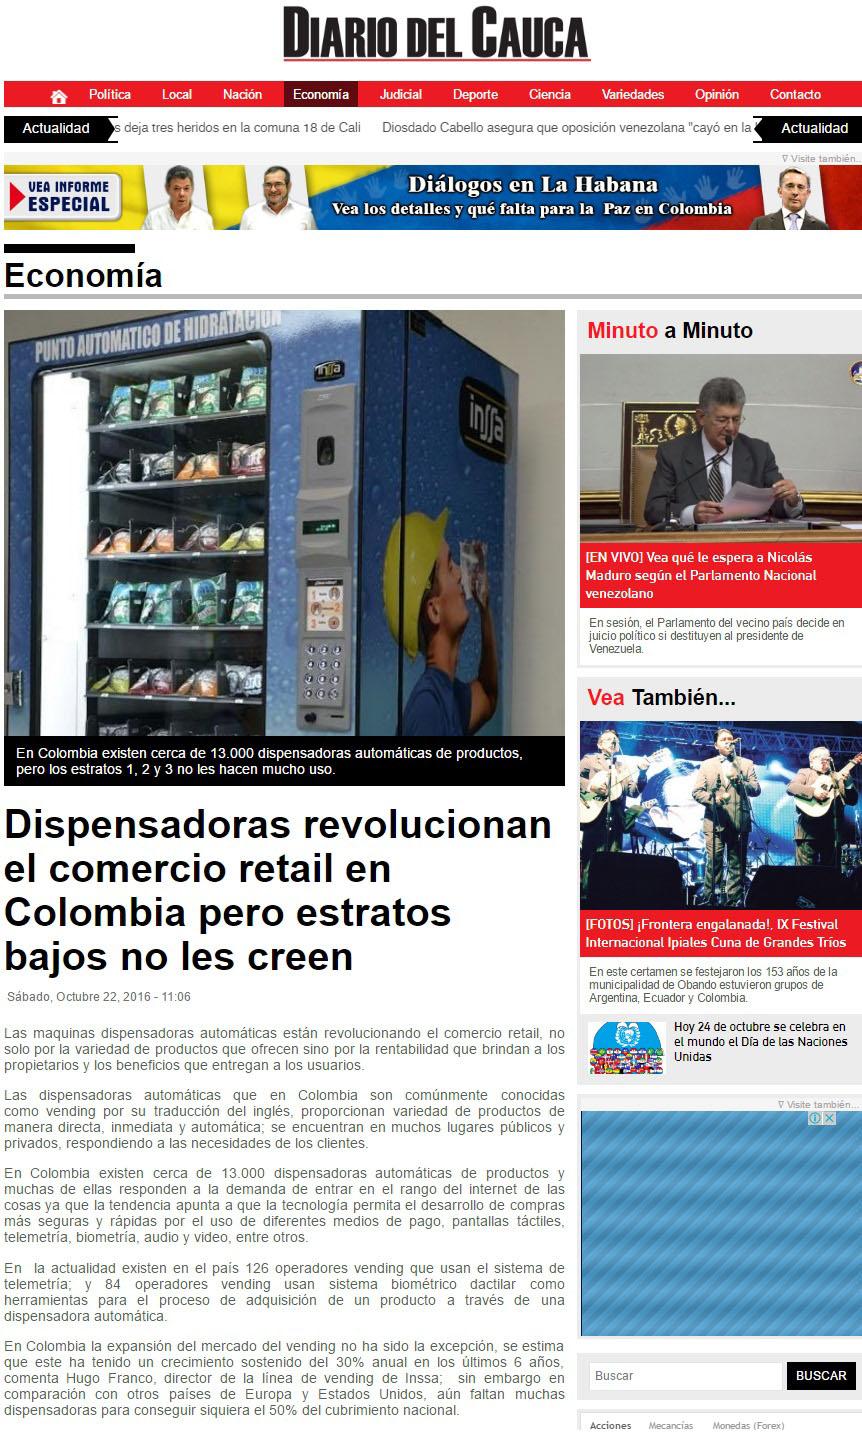 Diario del Cauca 22 de Octubre [web]